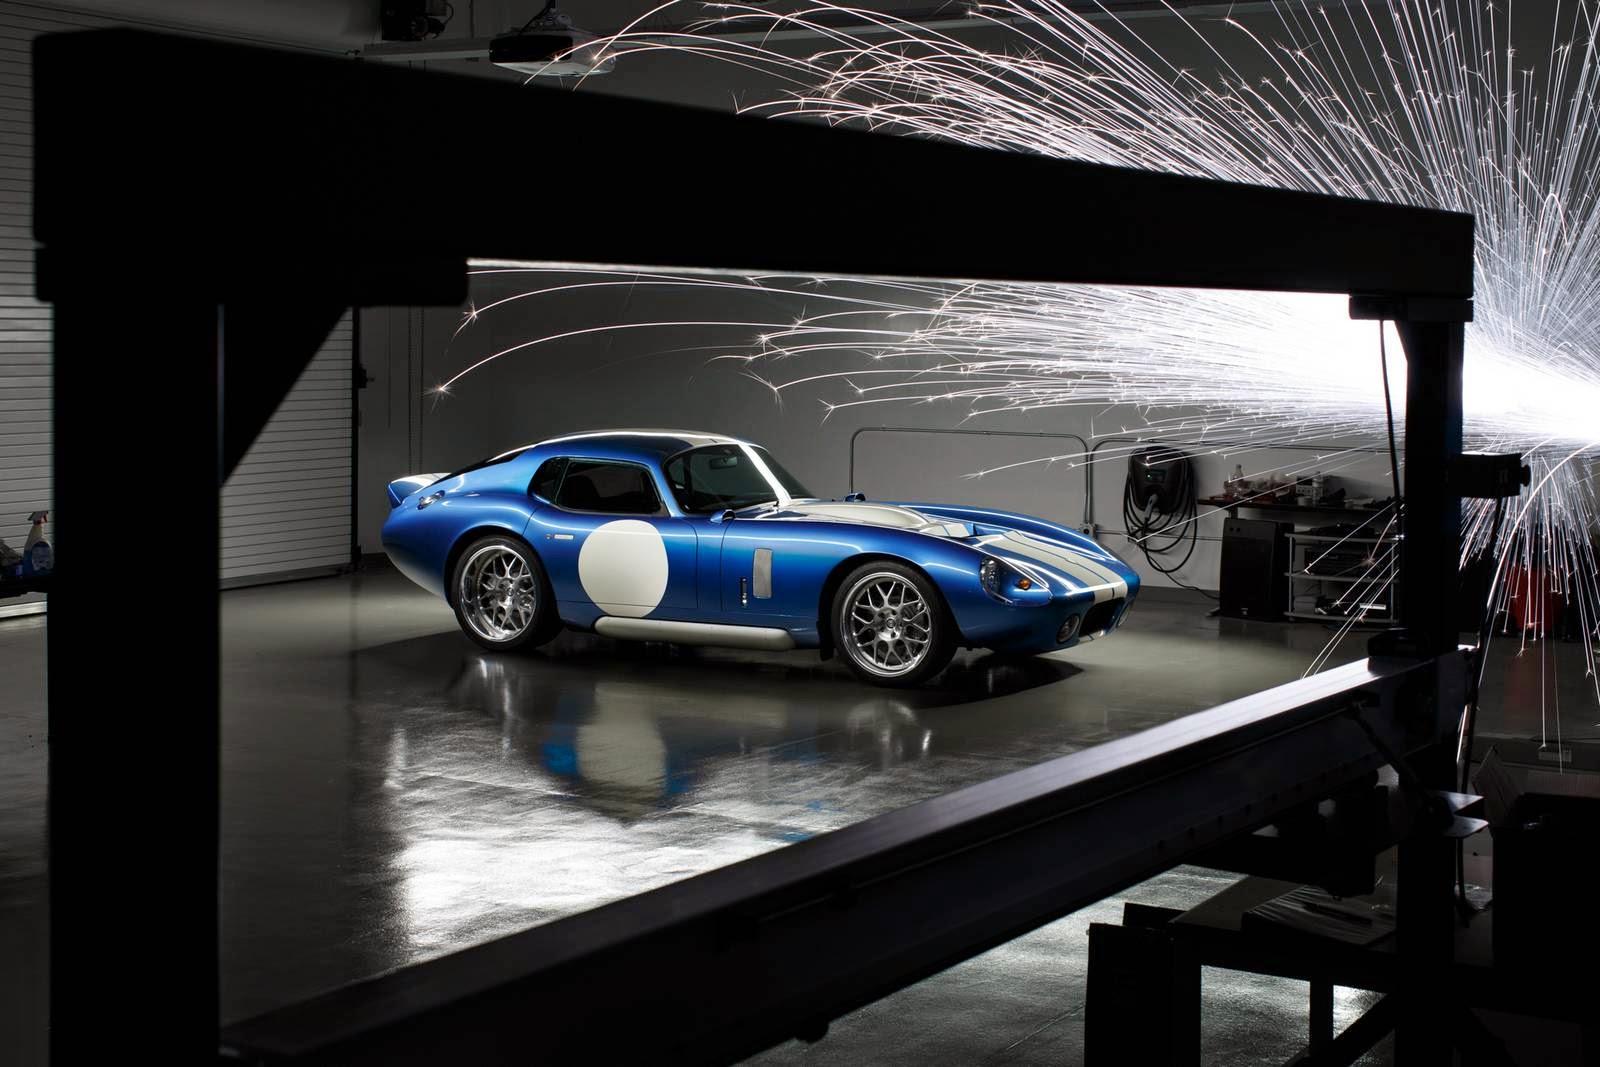 صور سيارات: رينوفو كوبيه السيارة الرياضية الأمريكية بمحركها الكهربائي